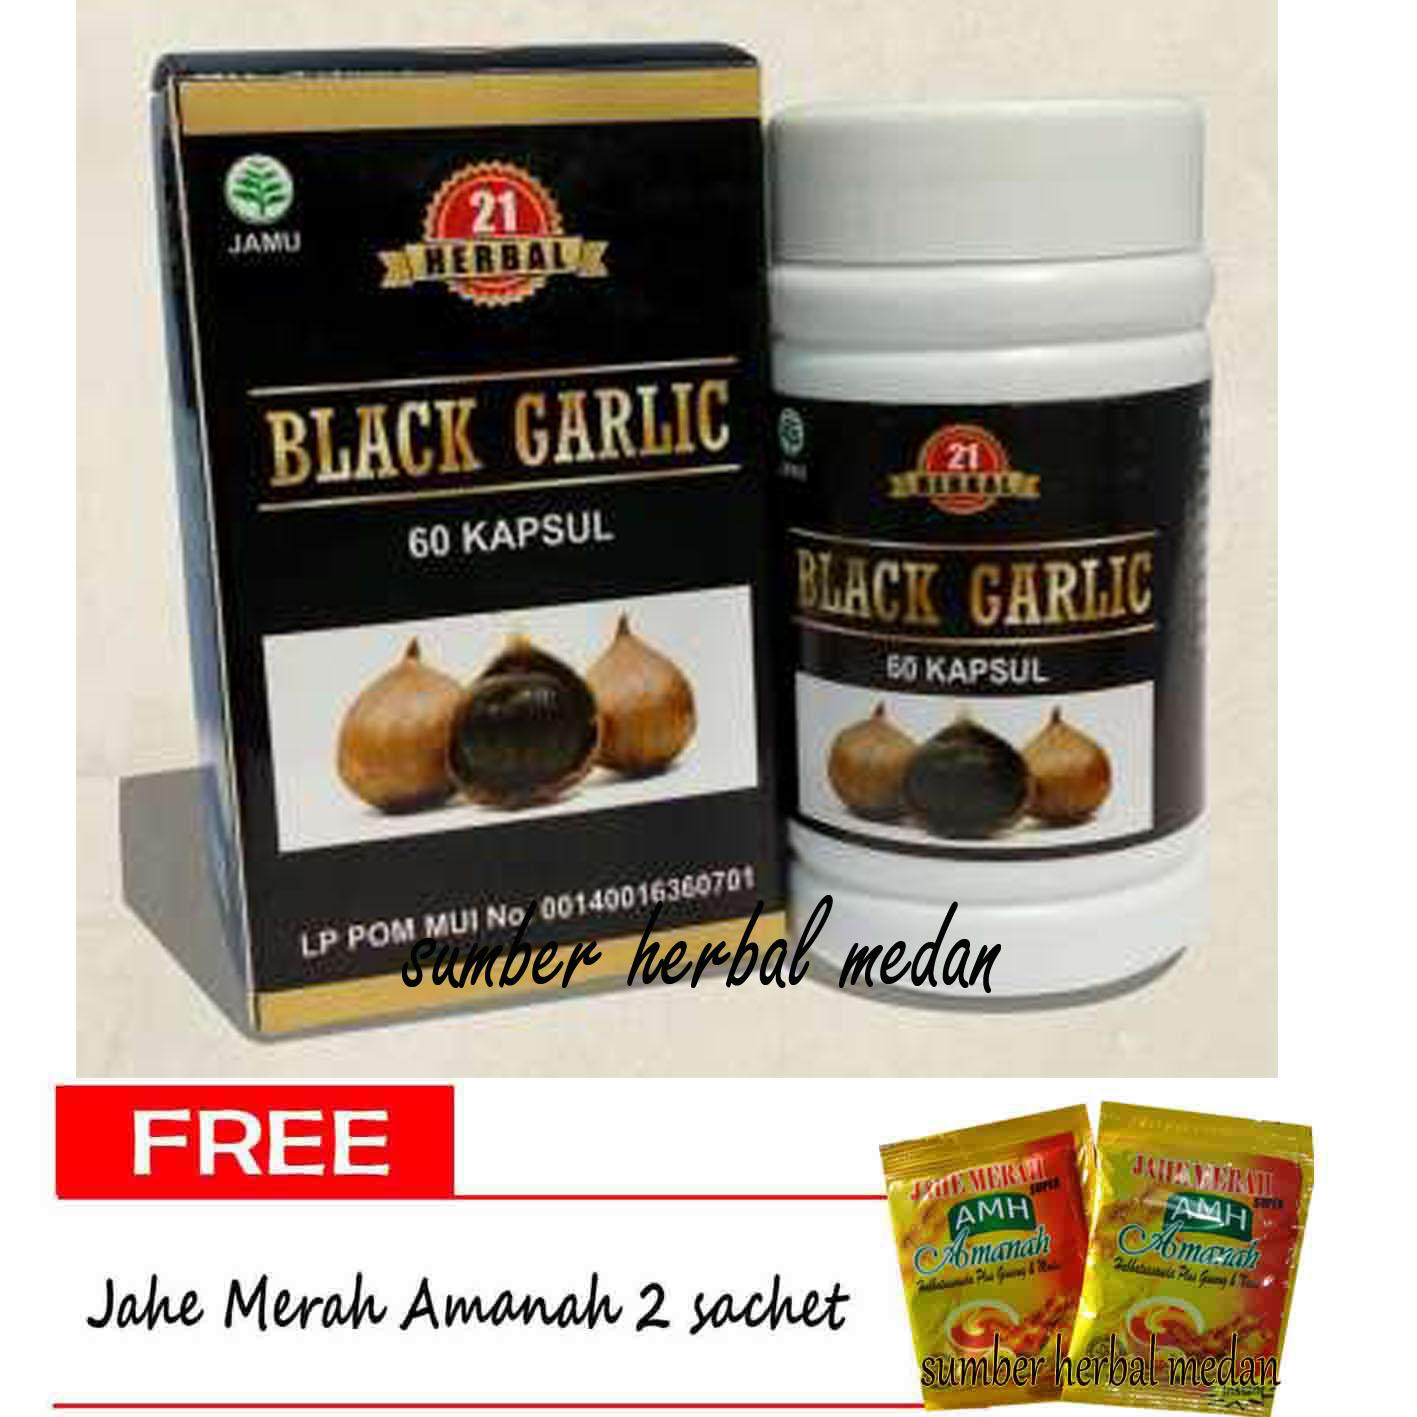 Buy Sell Cheapest Black Garlic Kapsul Best Quality Product Deals Bawang Putih Hitam Tunggal 160 Gr Lanang Herbal 21 Isi 60 Ekstrak